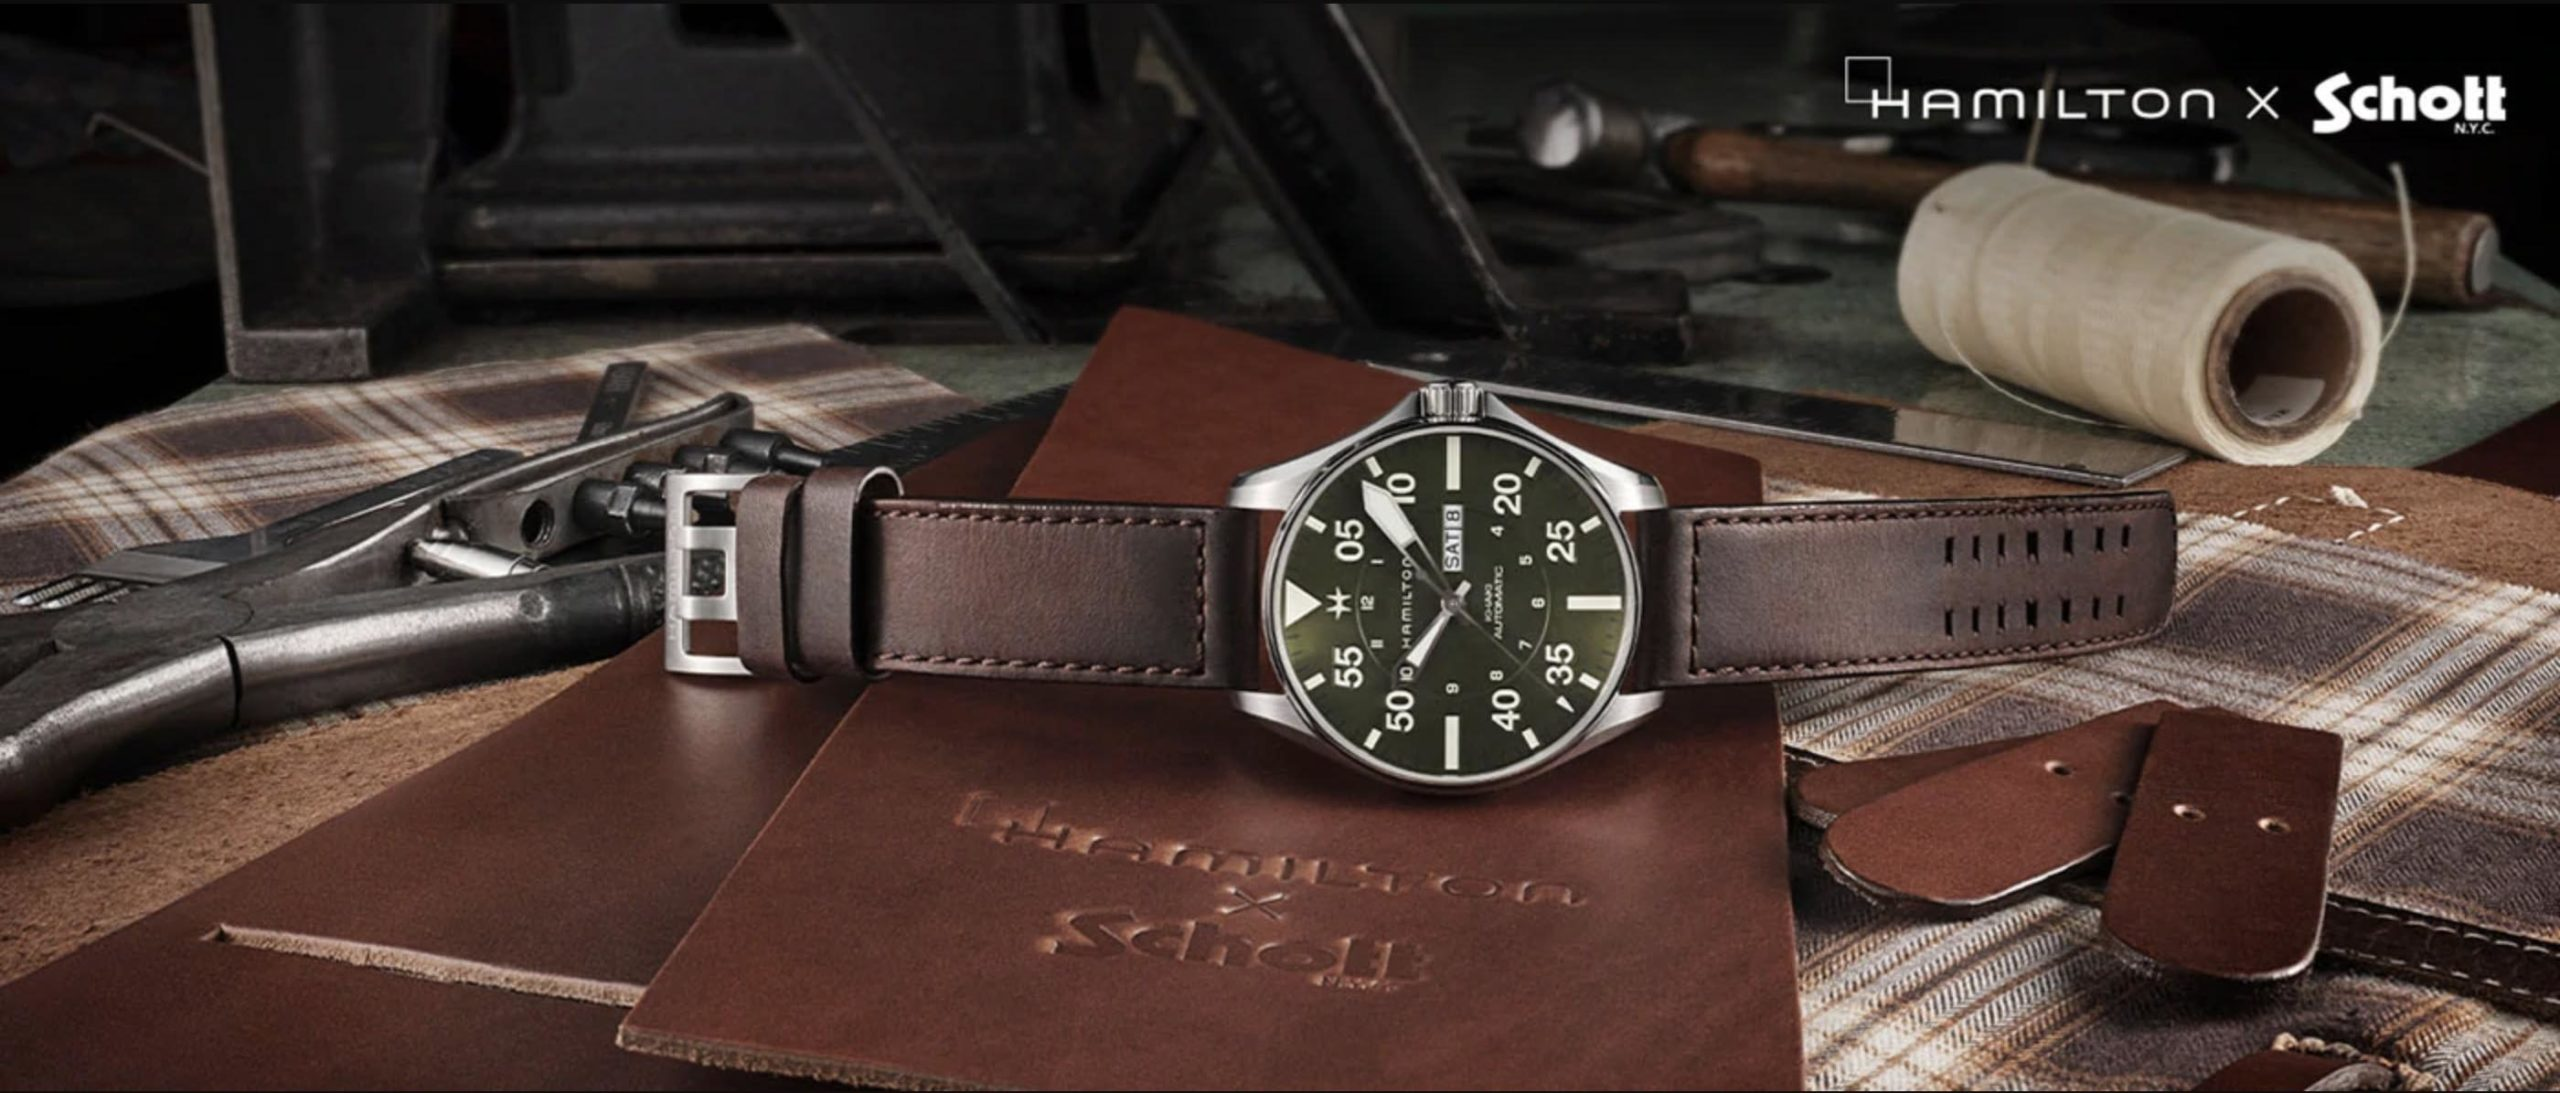 authorized-hamilton-retail-store-sells-new-hamilton-watches